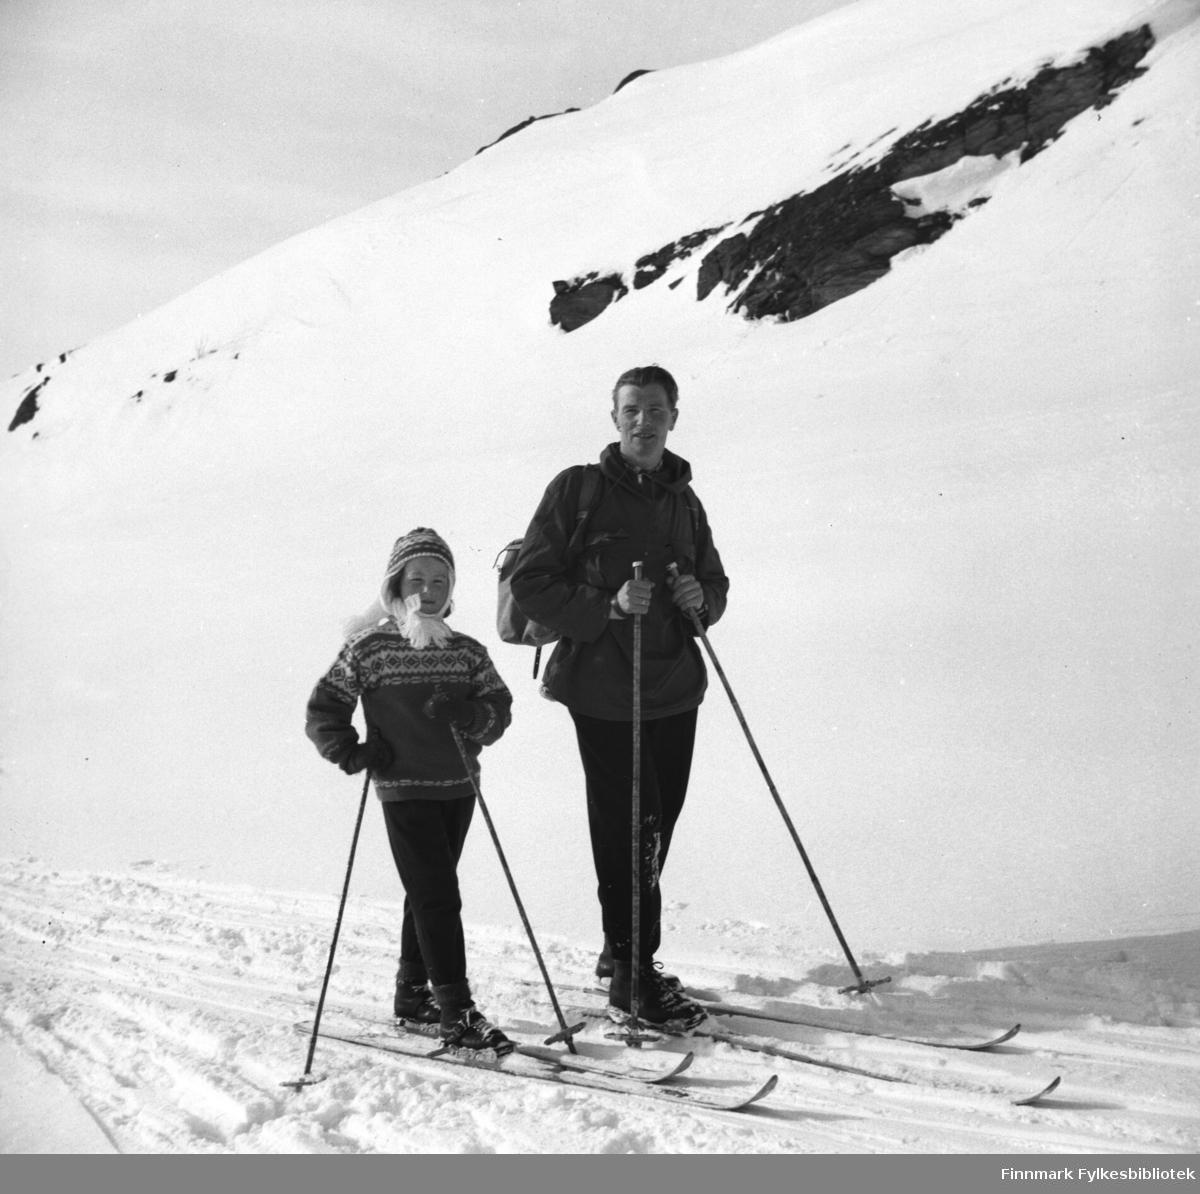 Påsketid. Turid Lillian med sin far Eino Drannem på skitur